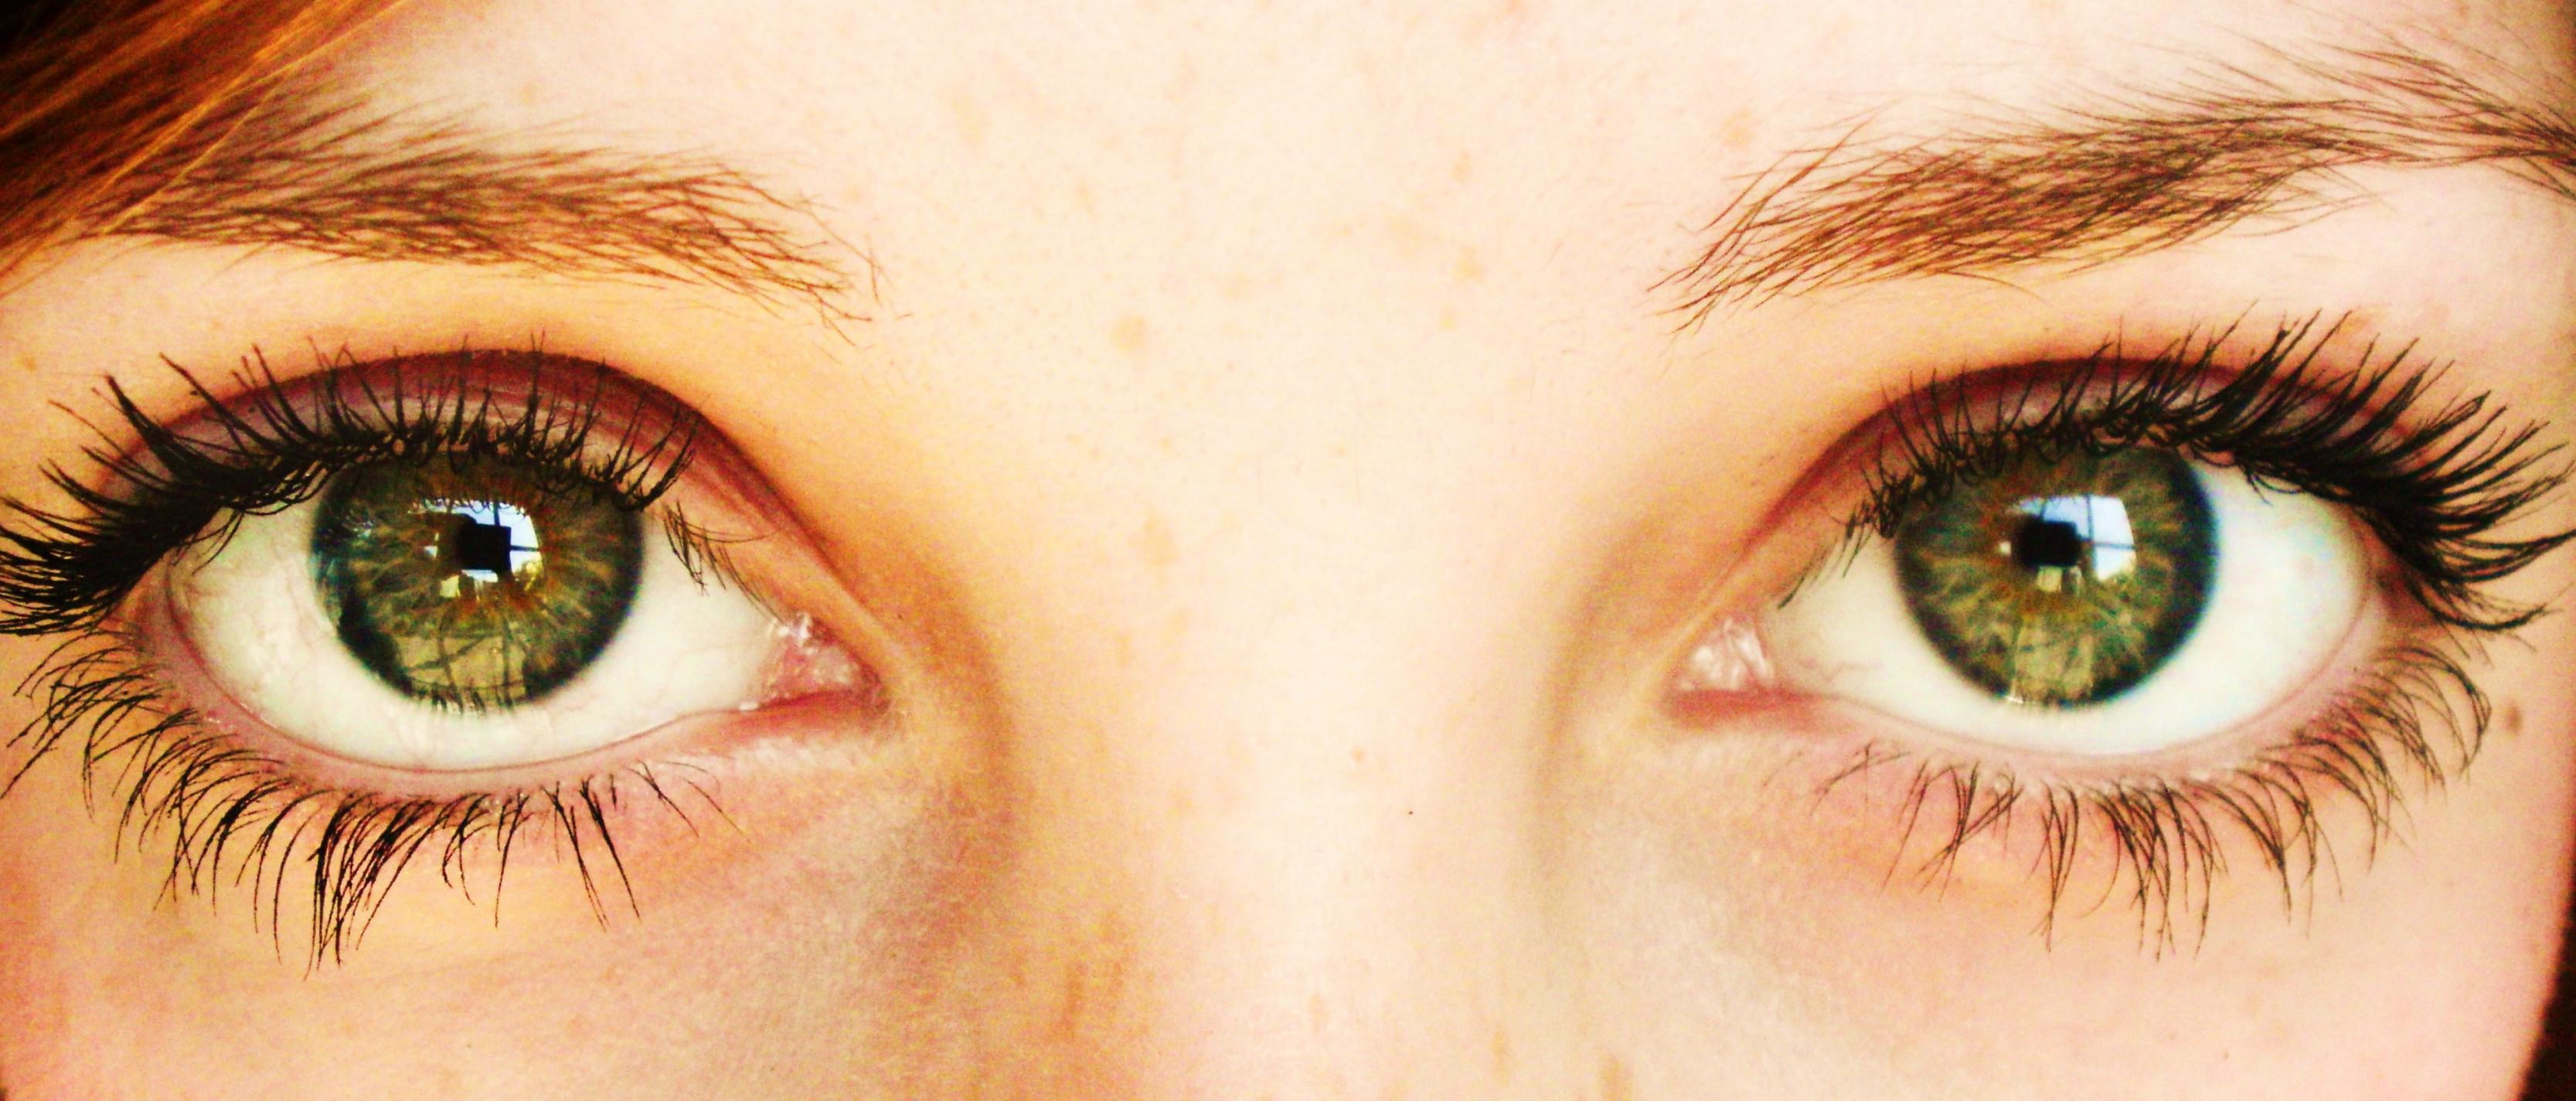 بالصور انواع العيون , تعرف على اجمل انواع العيون 469 2